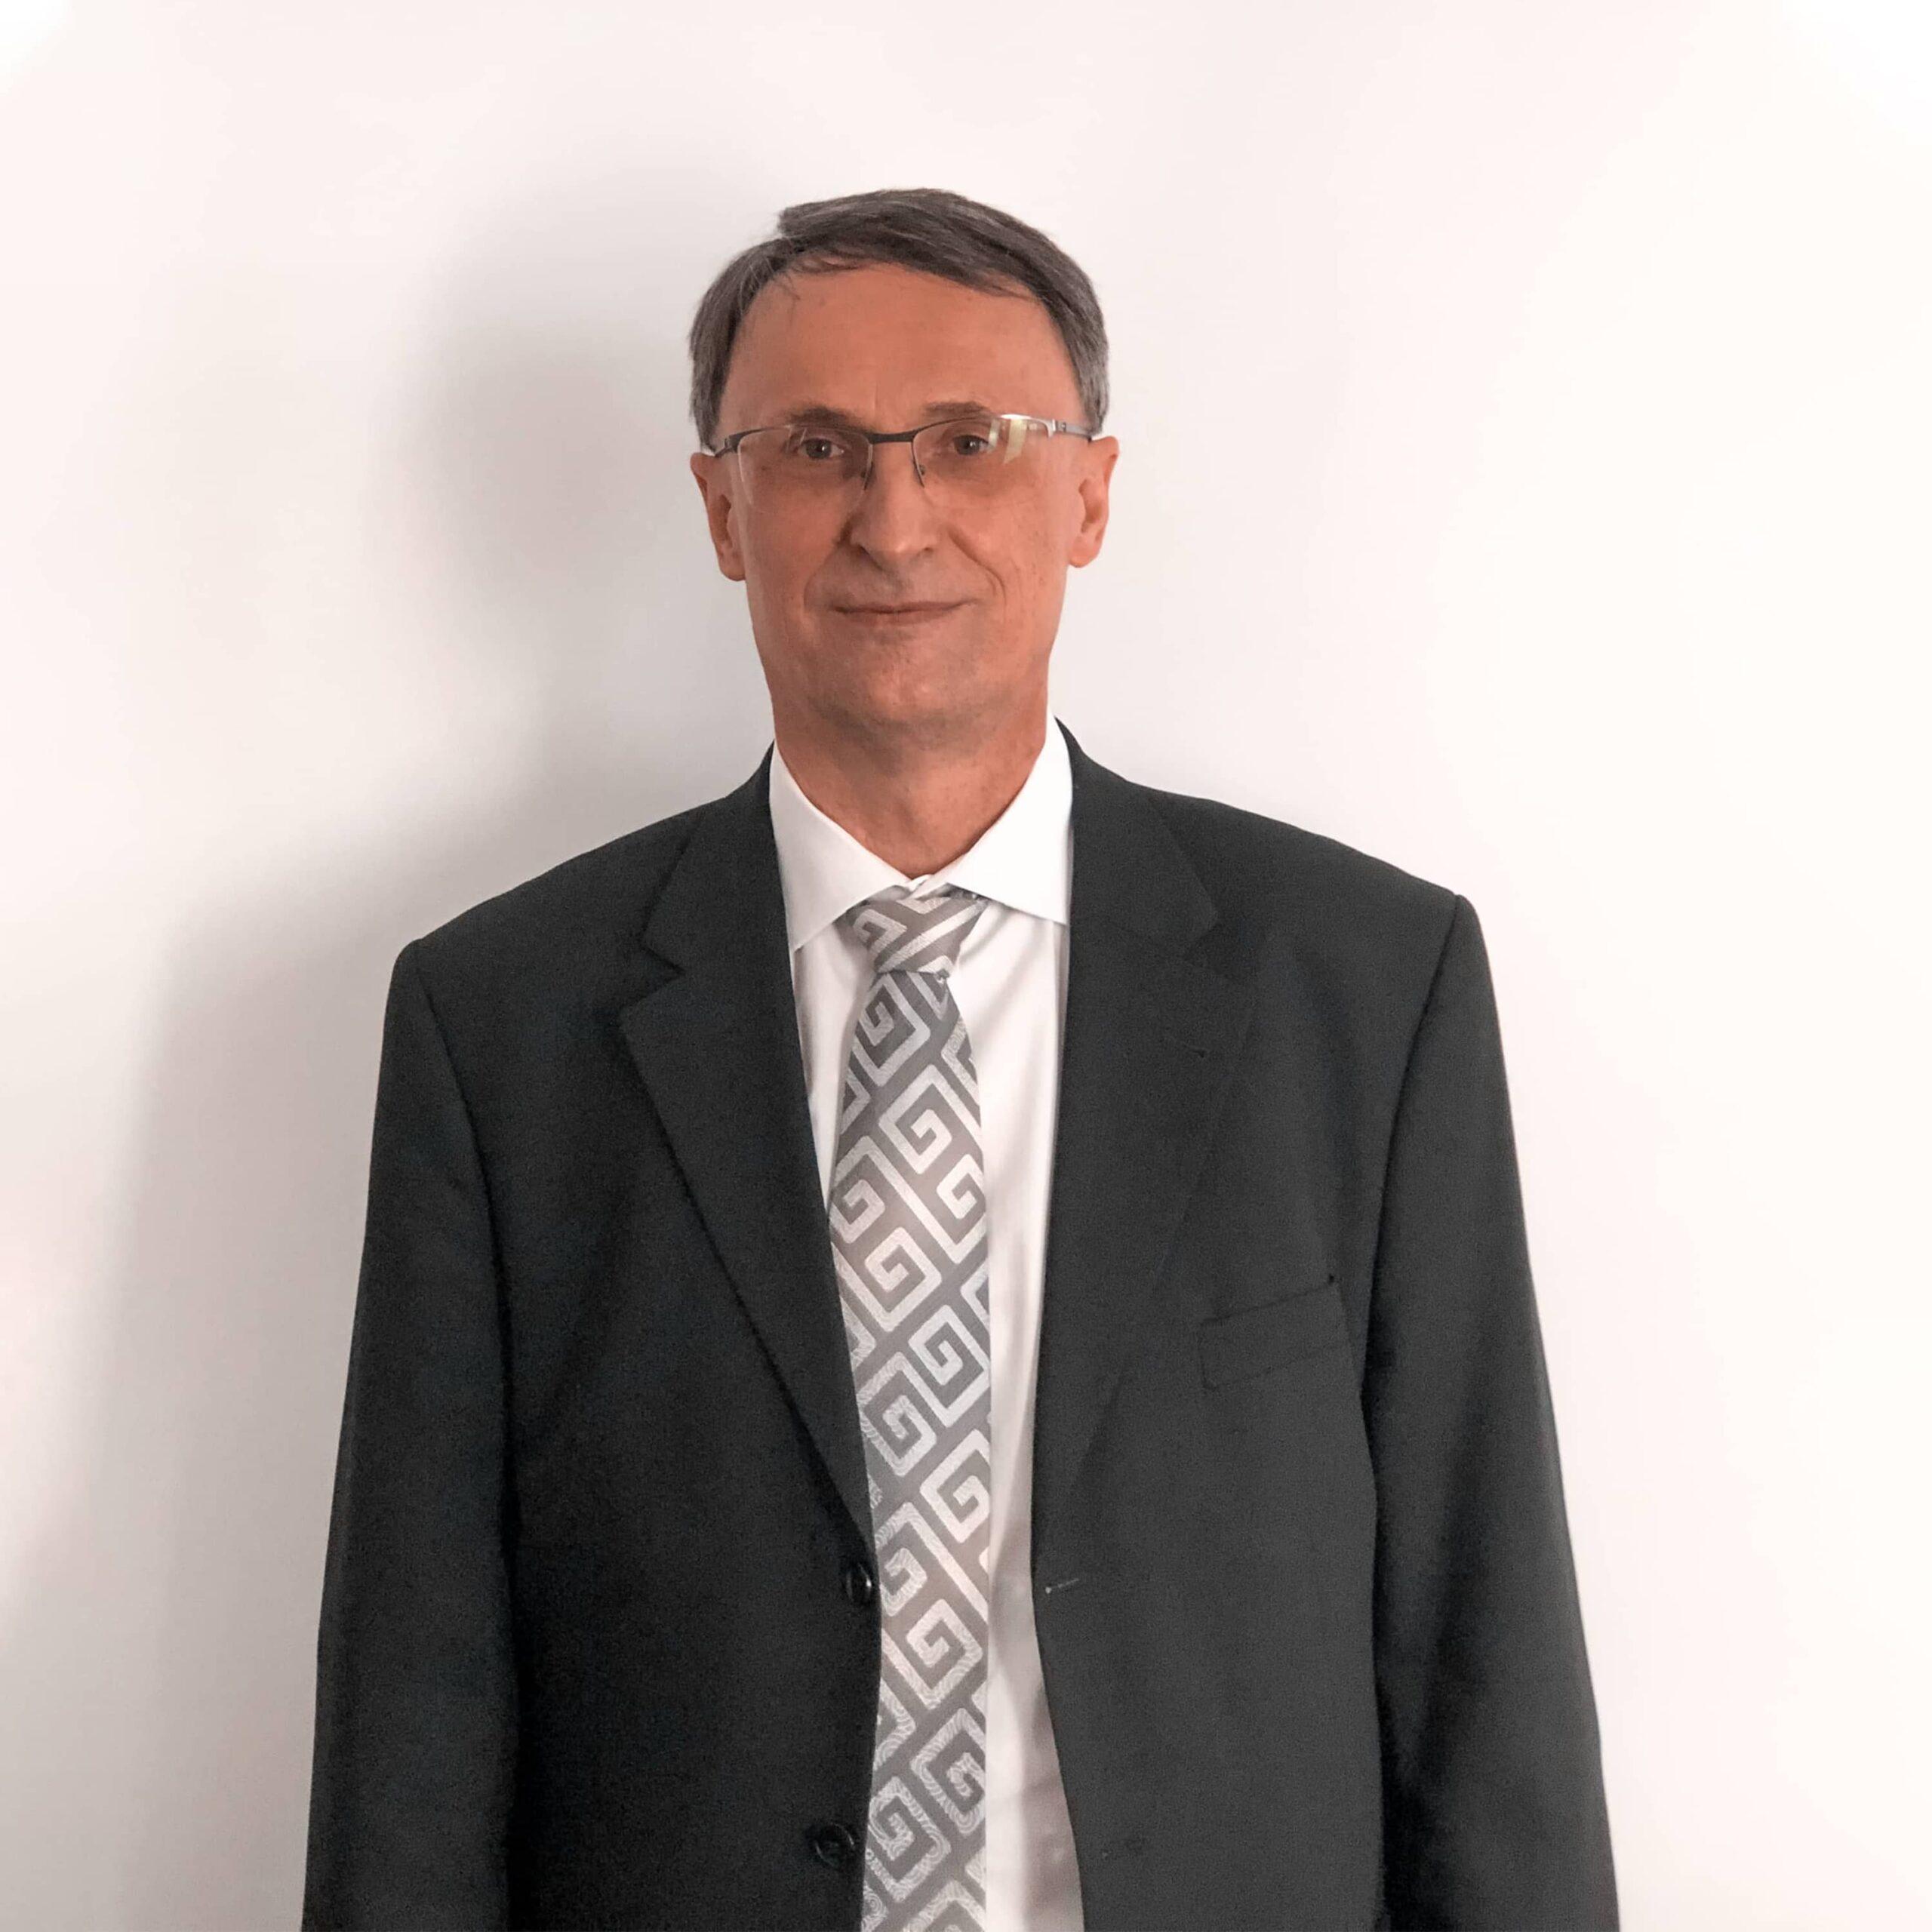 Martin Terbuc